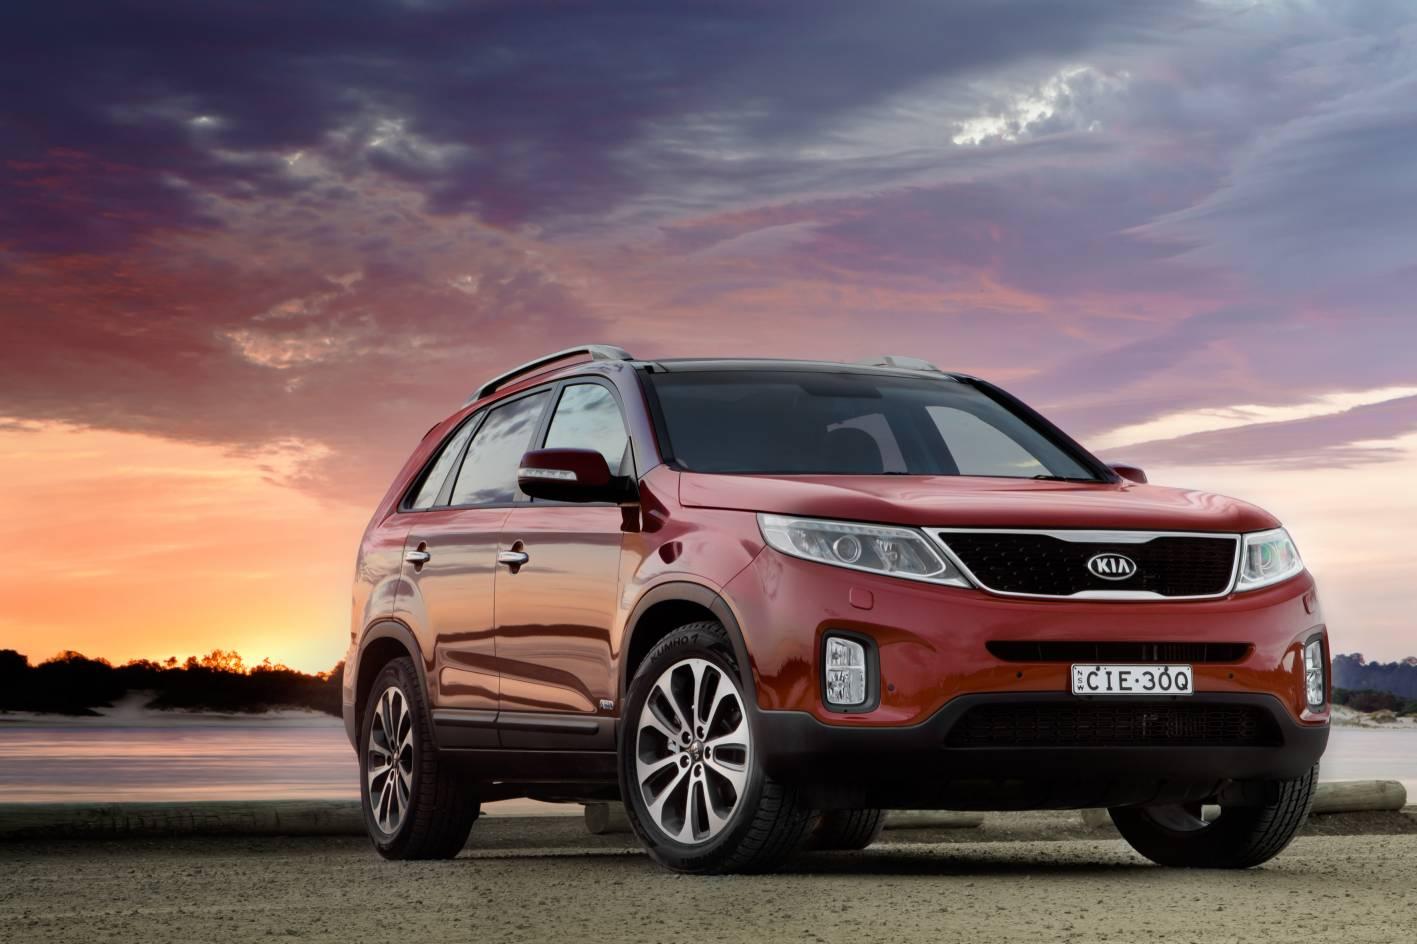 Should I Buy A Kia Sorento, Hyundai Santa Fe, Holden